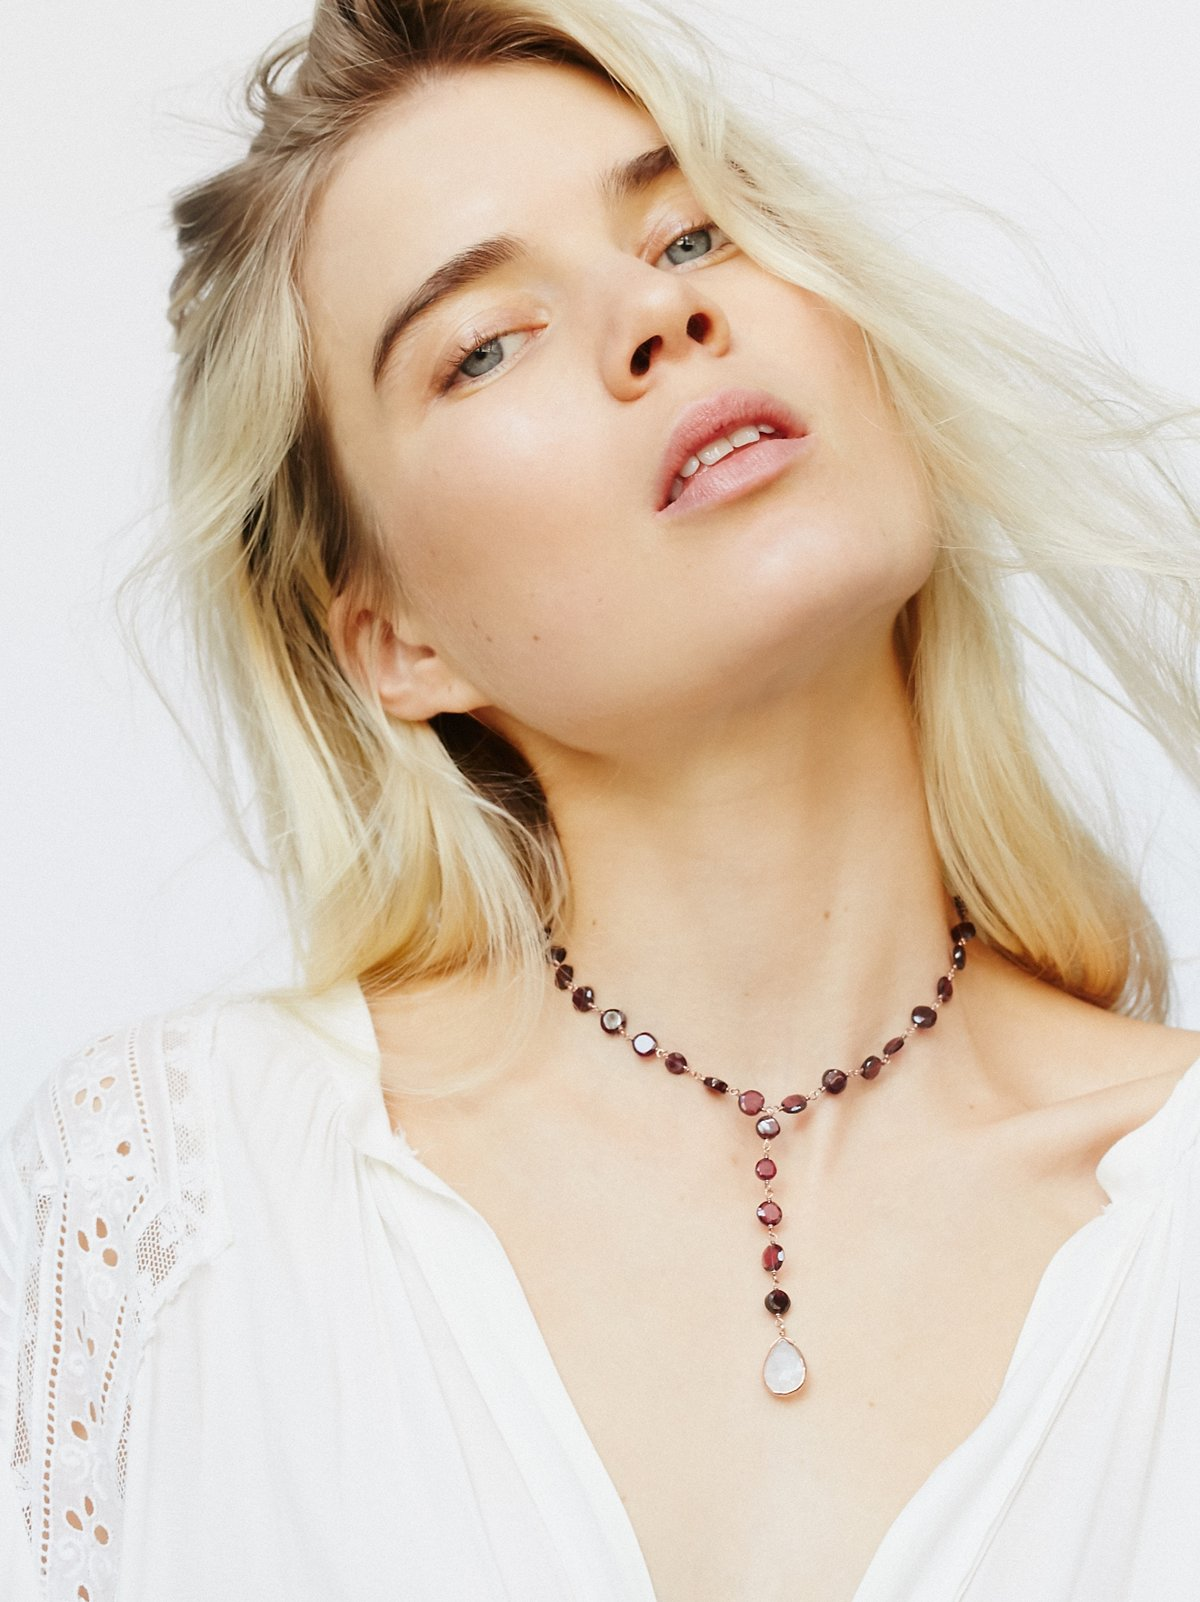 Libi Midi念珠项链